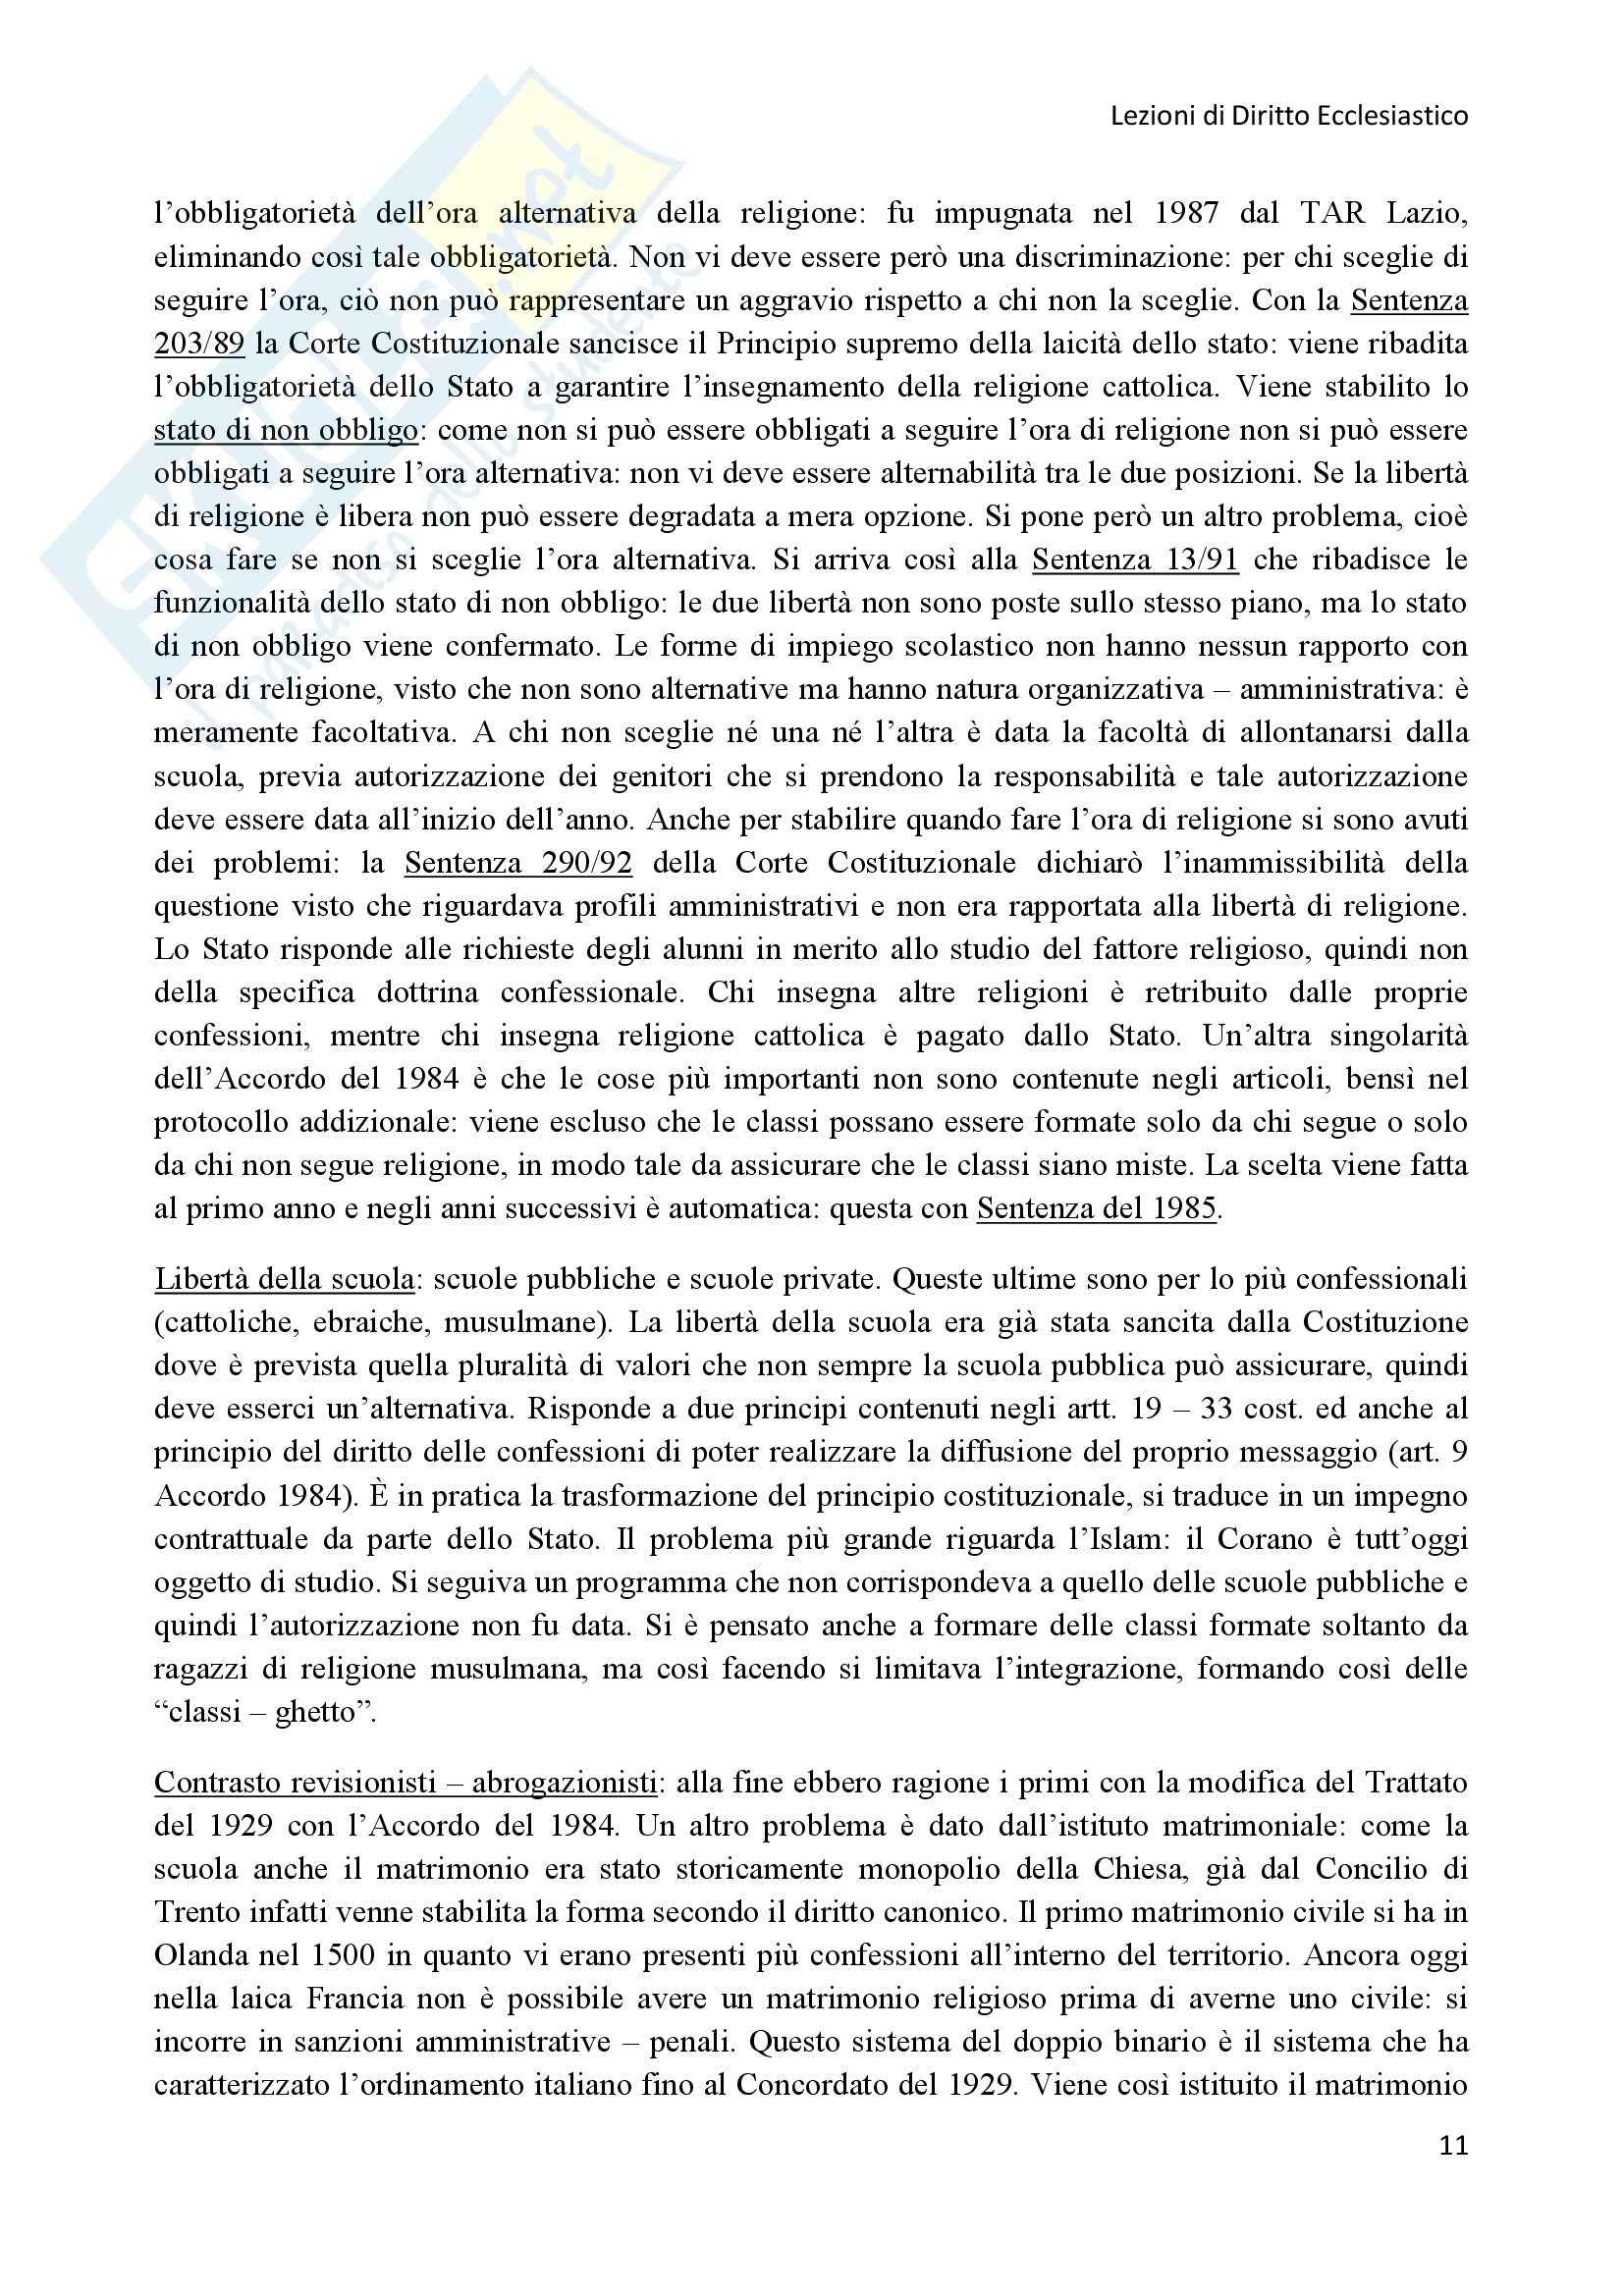 Diritto Ecclesiastico - Lezioni professoressa D'Arienzo Pag. 11